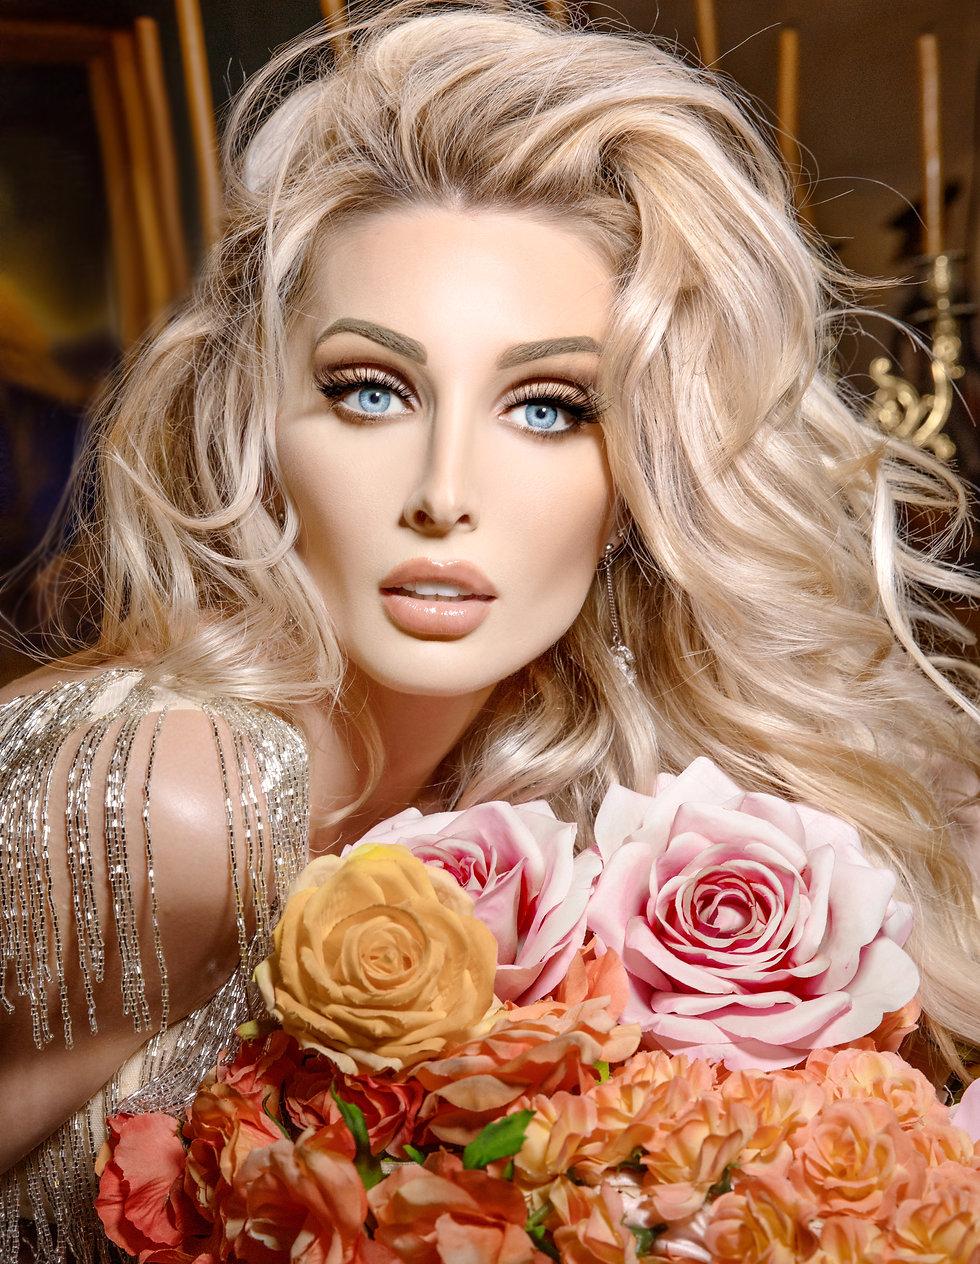 Jamie beauty2.jpg